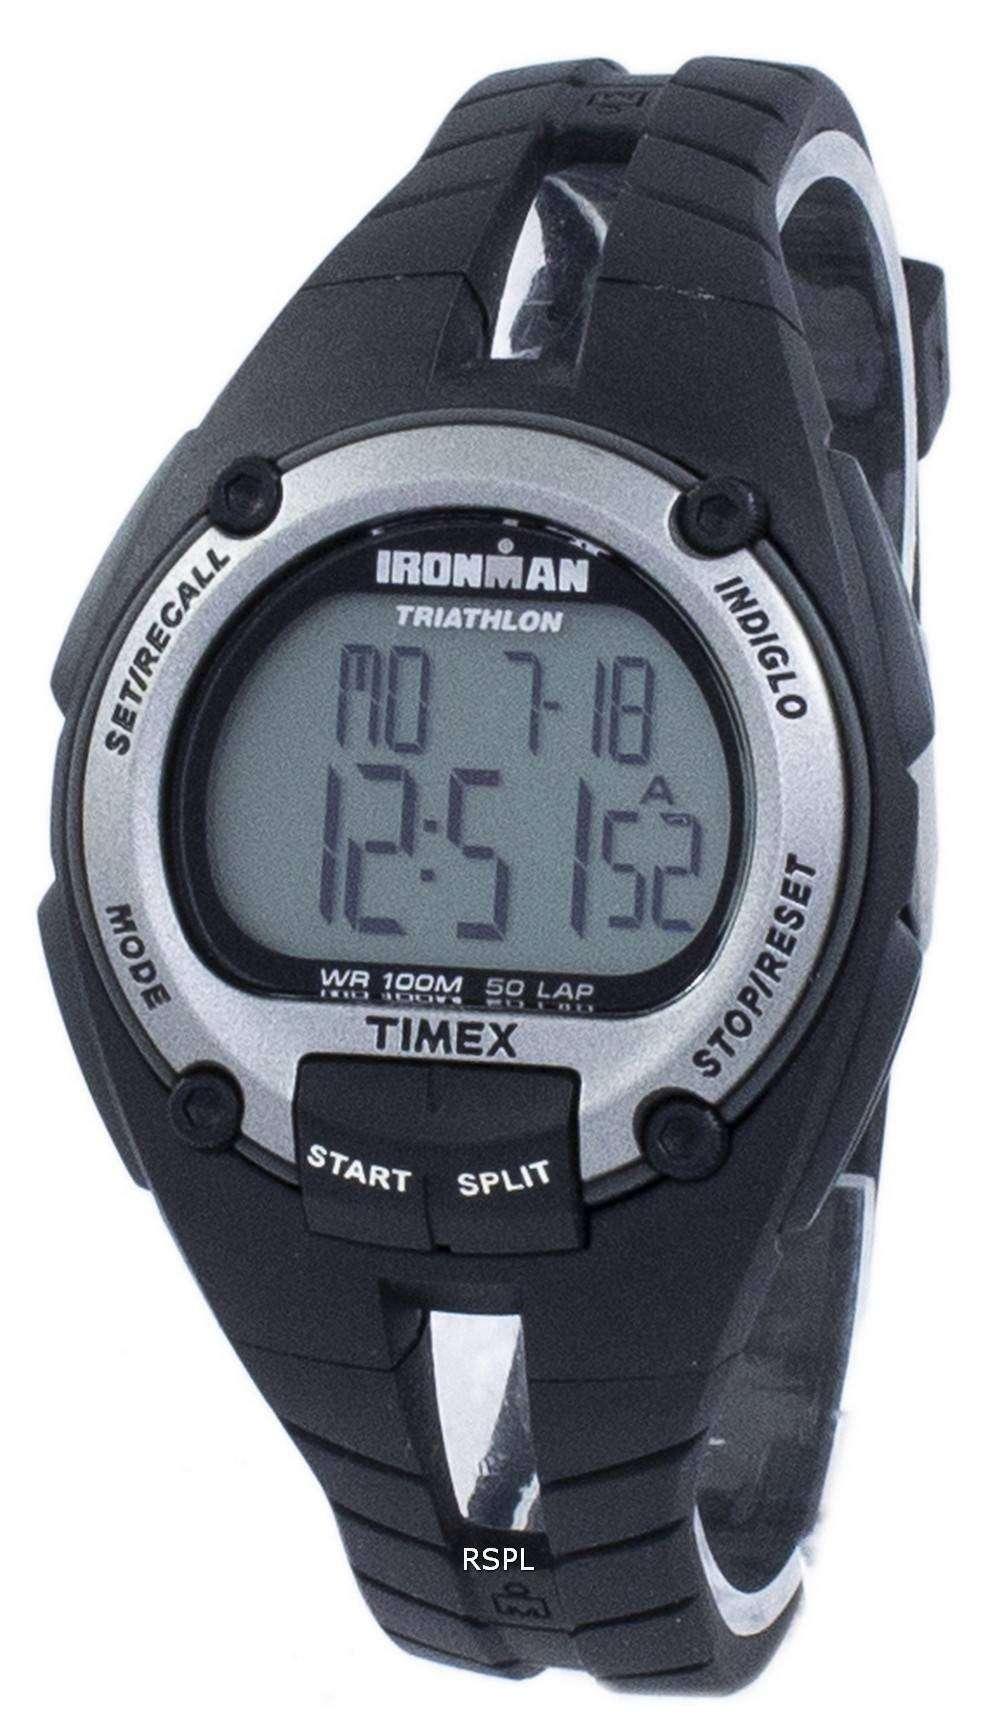 タイメックスは、アイアンマン トライアスロン 50 ラップ Indiglo デジタル T5K155 男性用の腕時計をスポーツします。